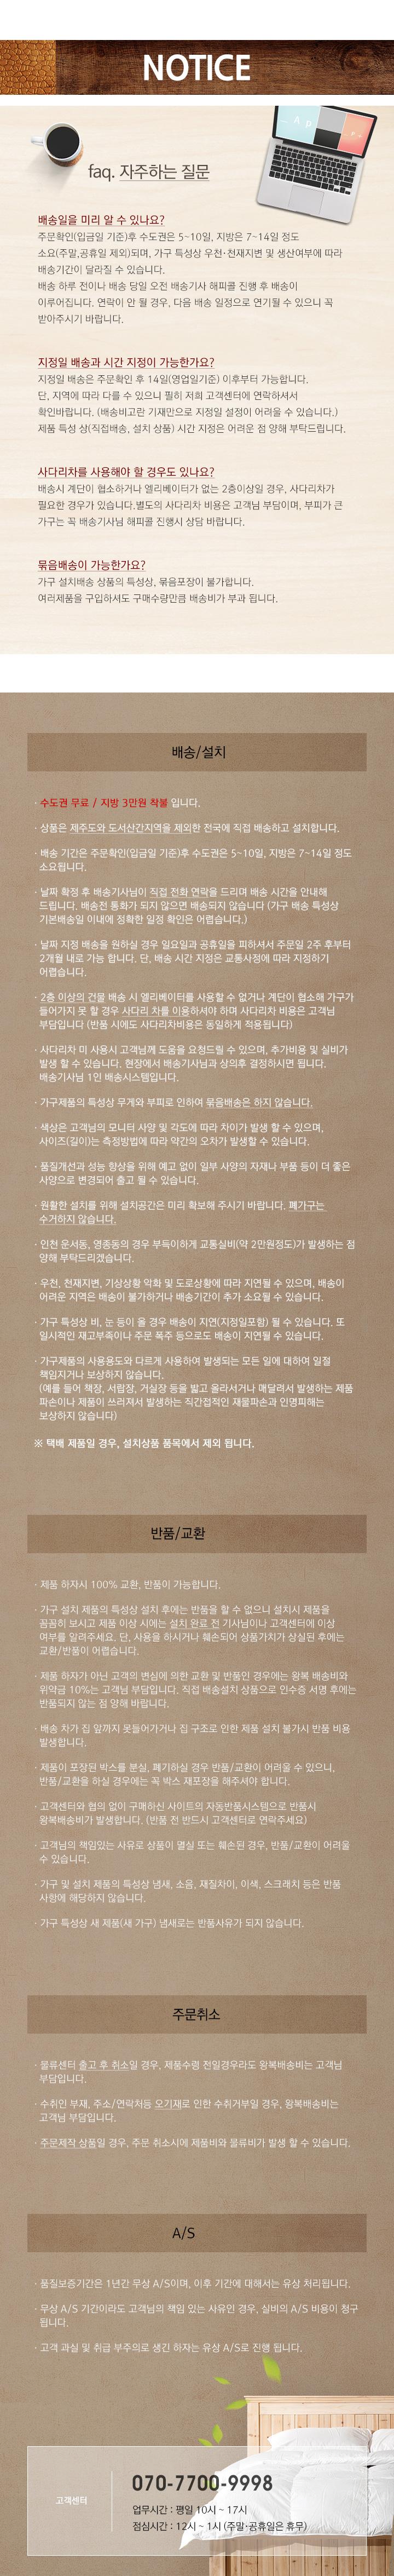 멧칼프 와이드서랍장 3단 1200 - 우아미아이, 254,030원, 서랍장, 와이드 서랍장